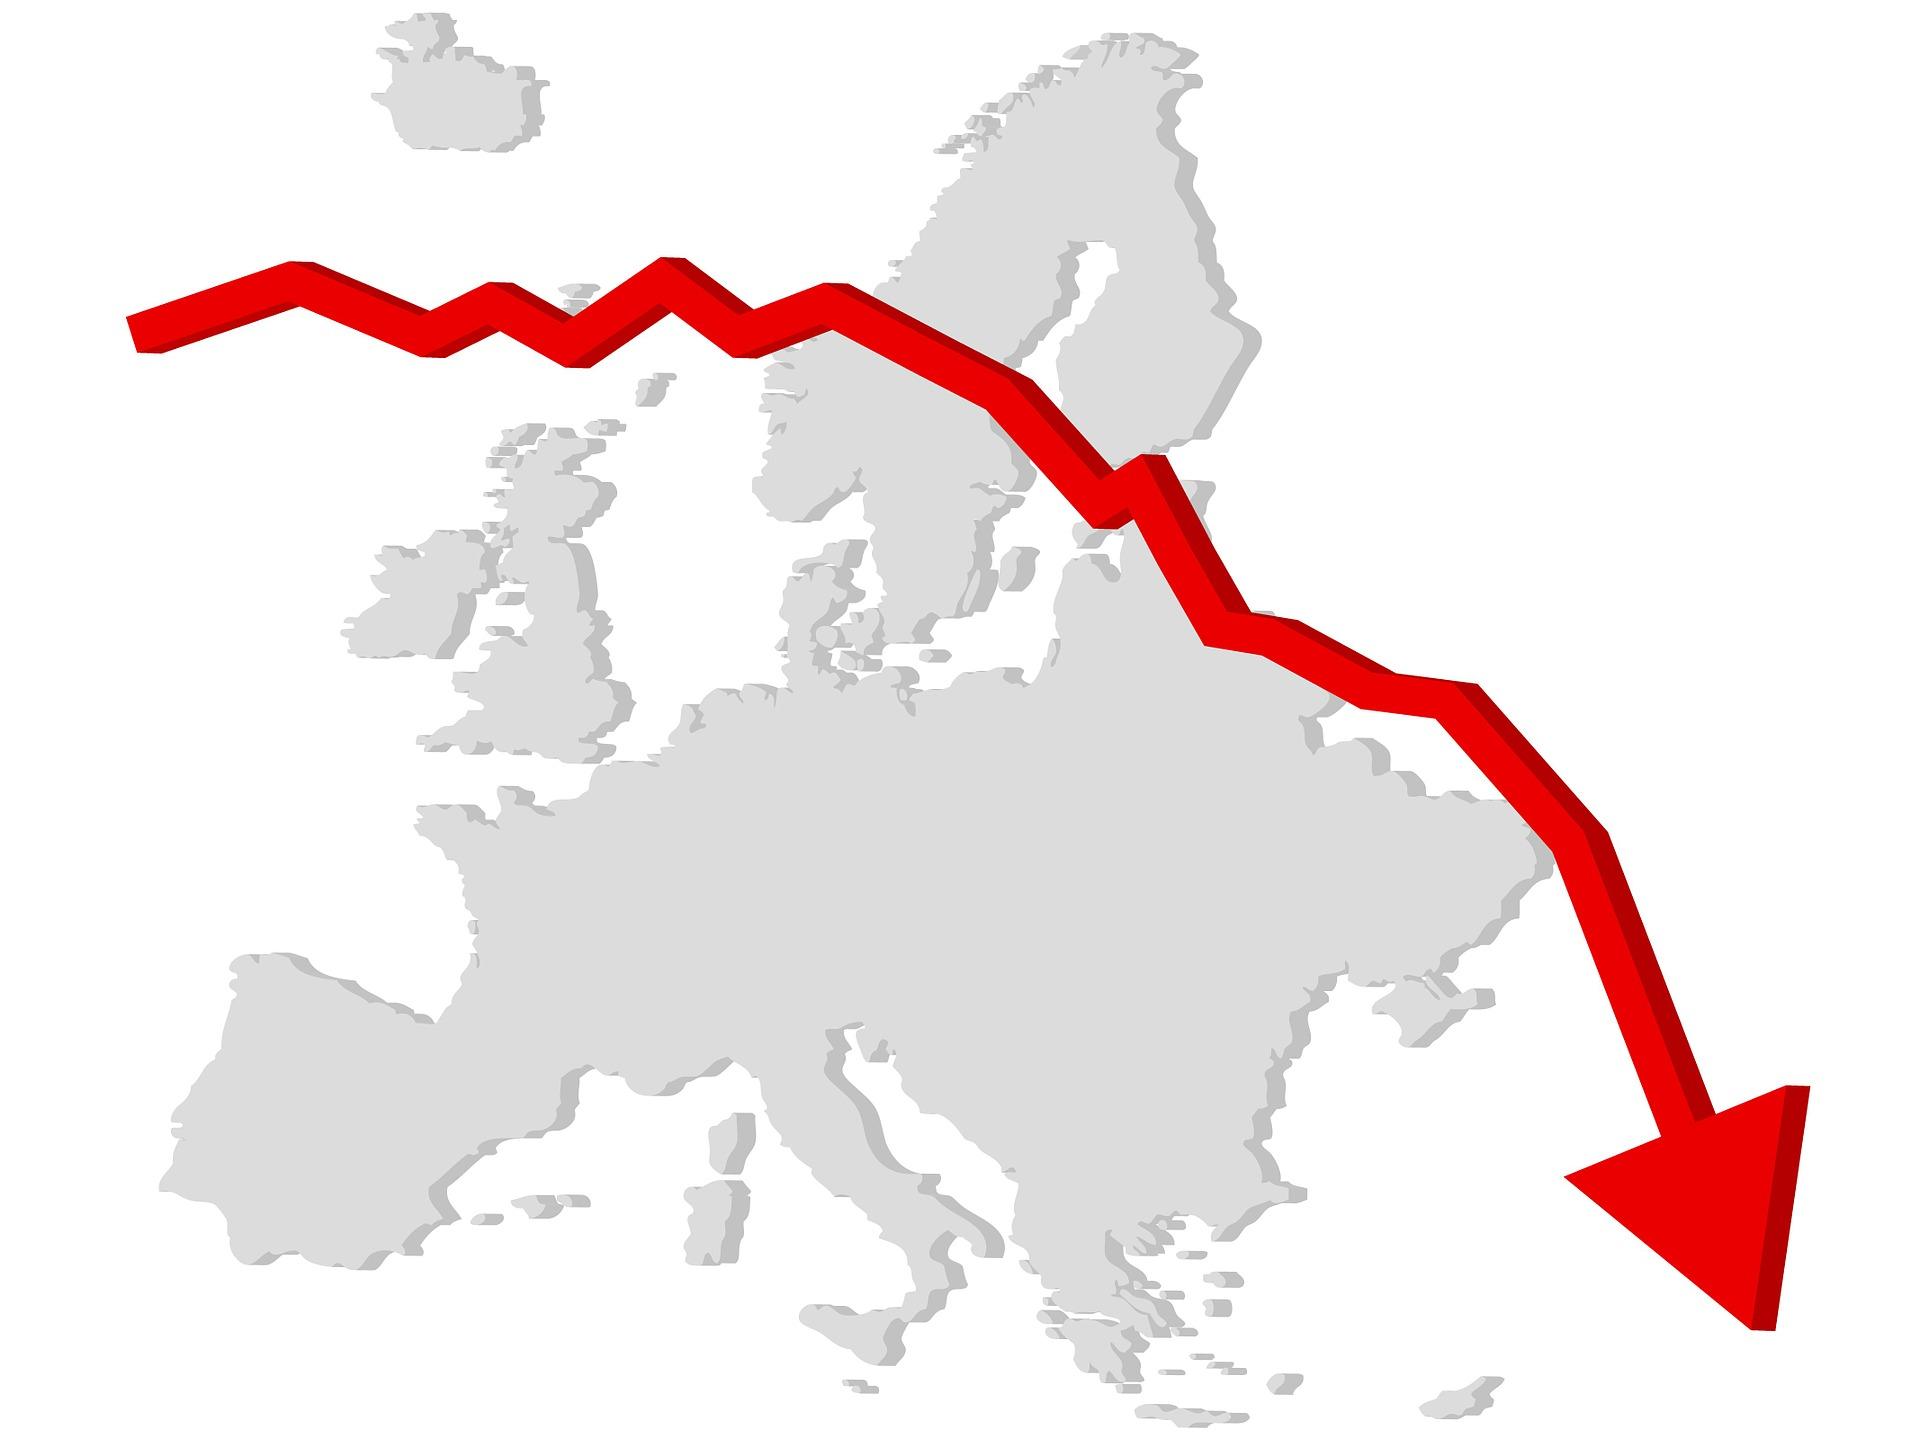 Vse večja tveganja za svetovno recesijo  – centralne banke niso pripravljene